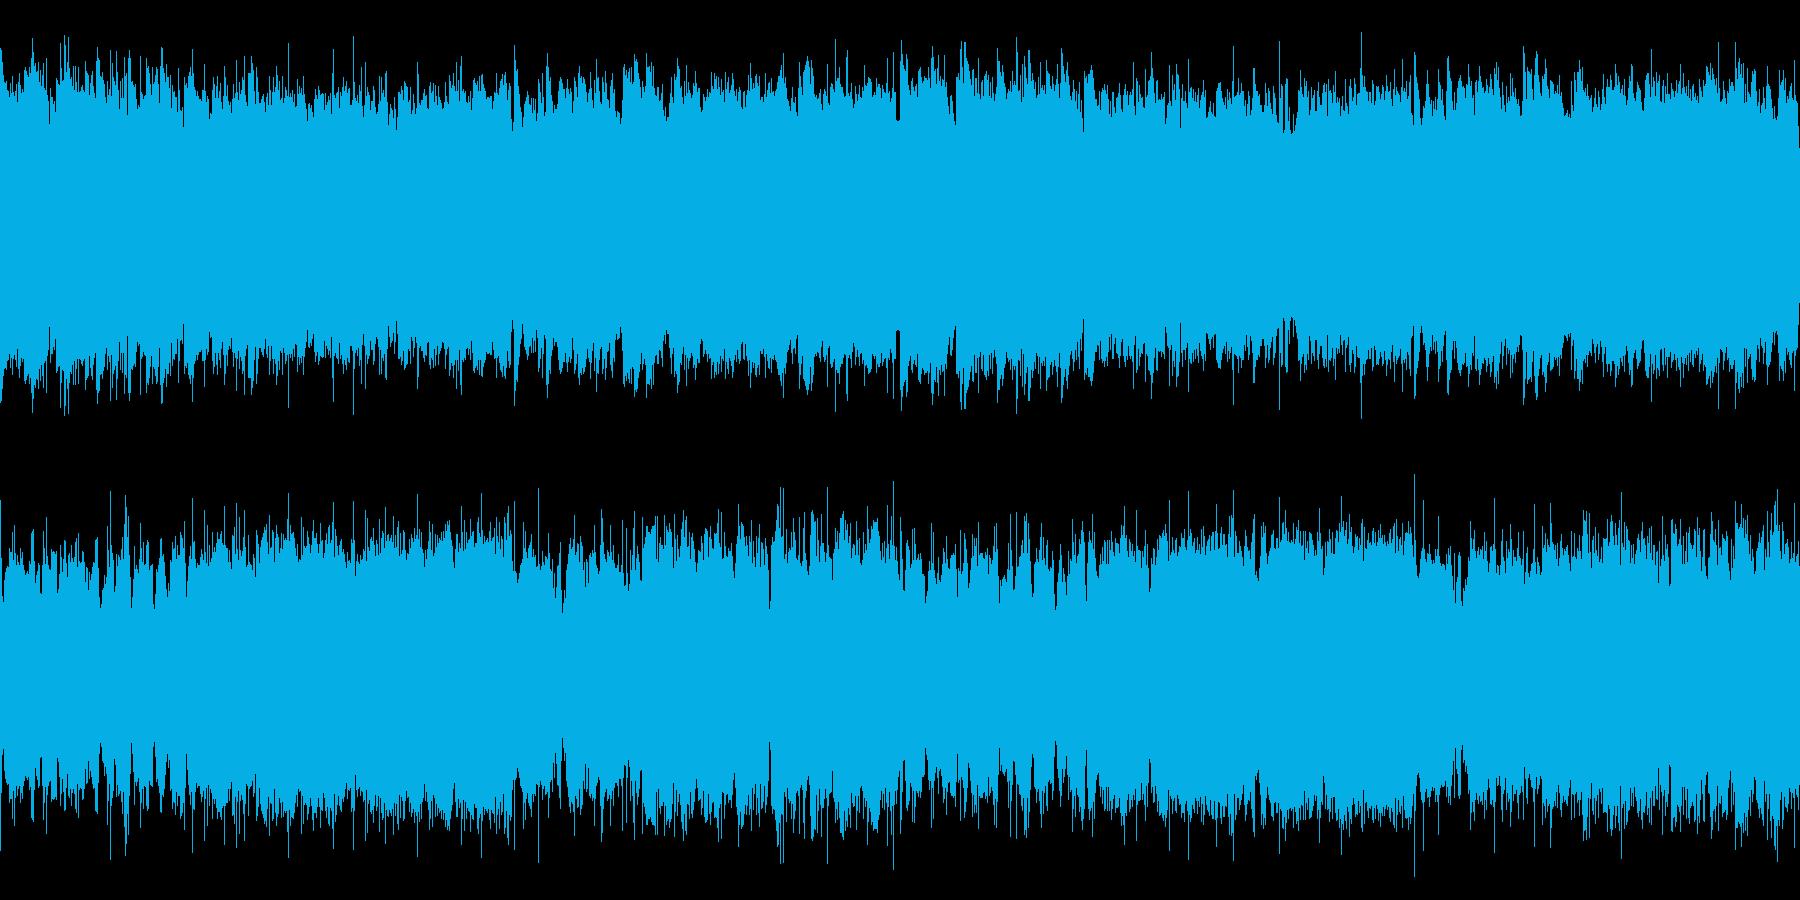 【ループ】ローファイなヒップホップの再生済みの波形